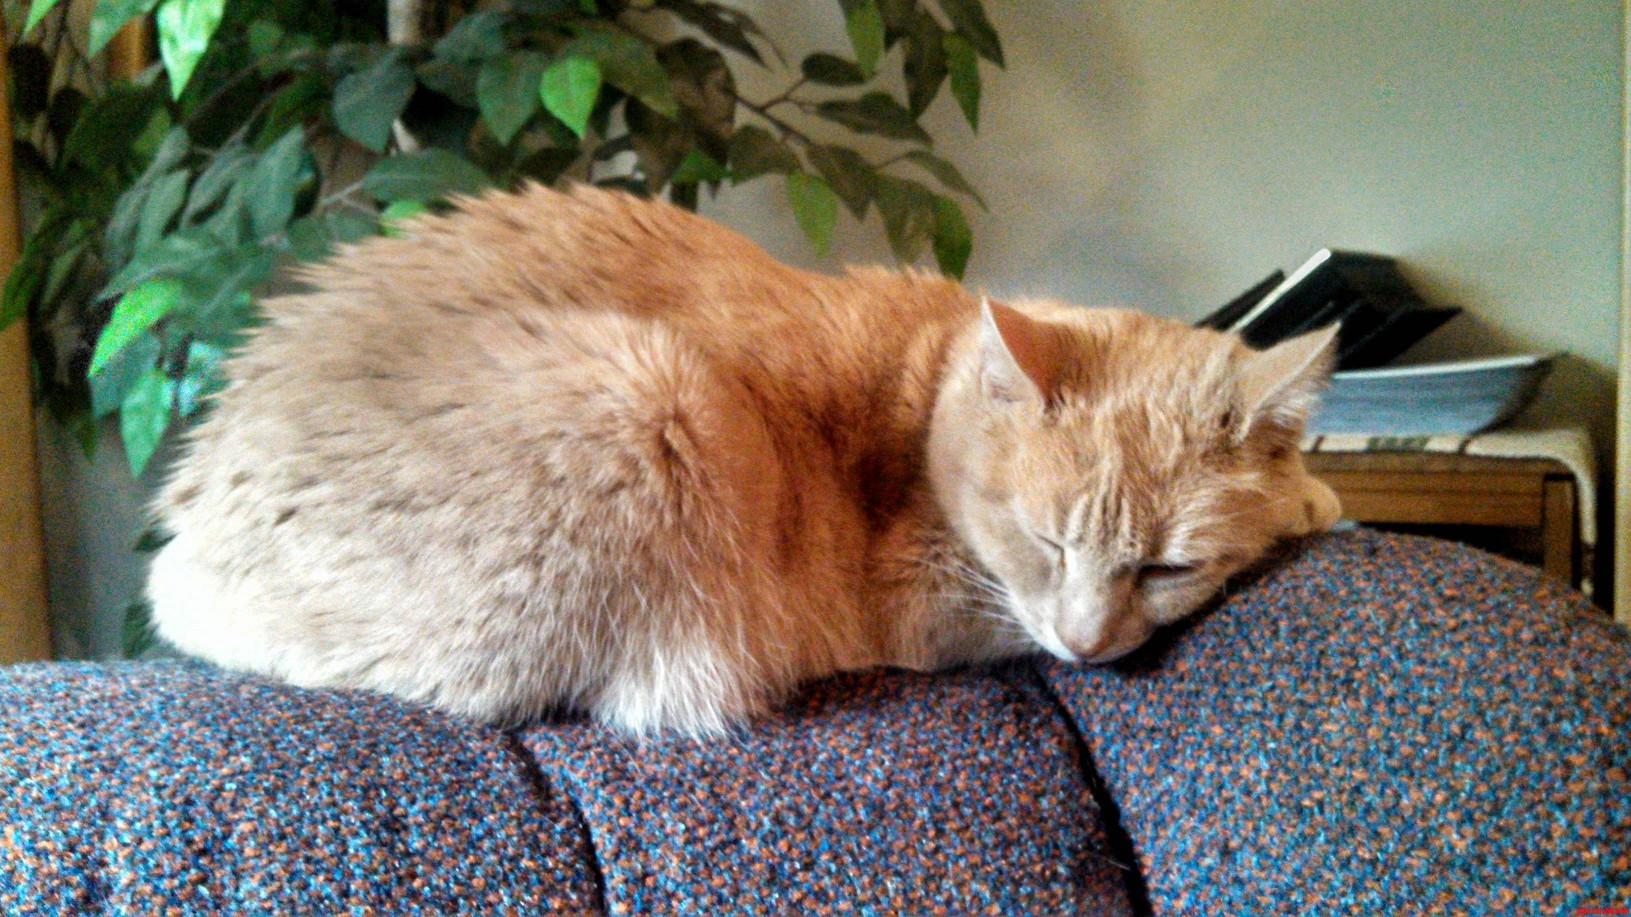 Meet Butterscotch. Hes Adorable When He Sleeps.